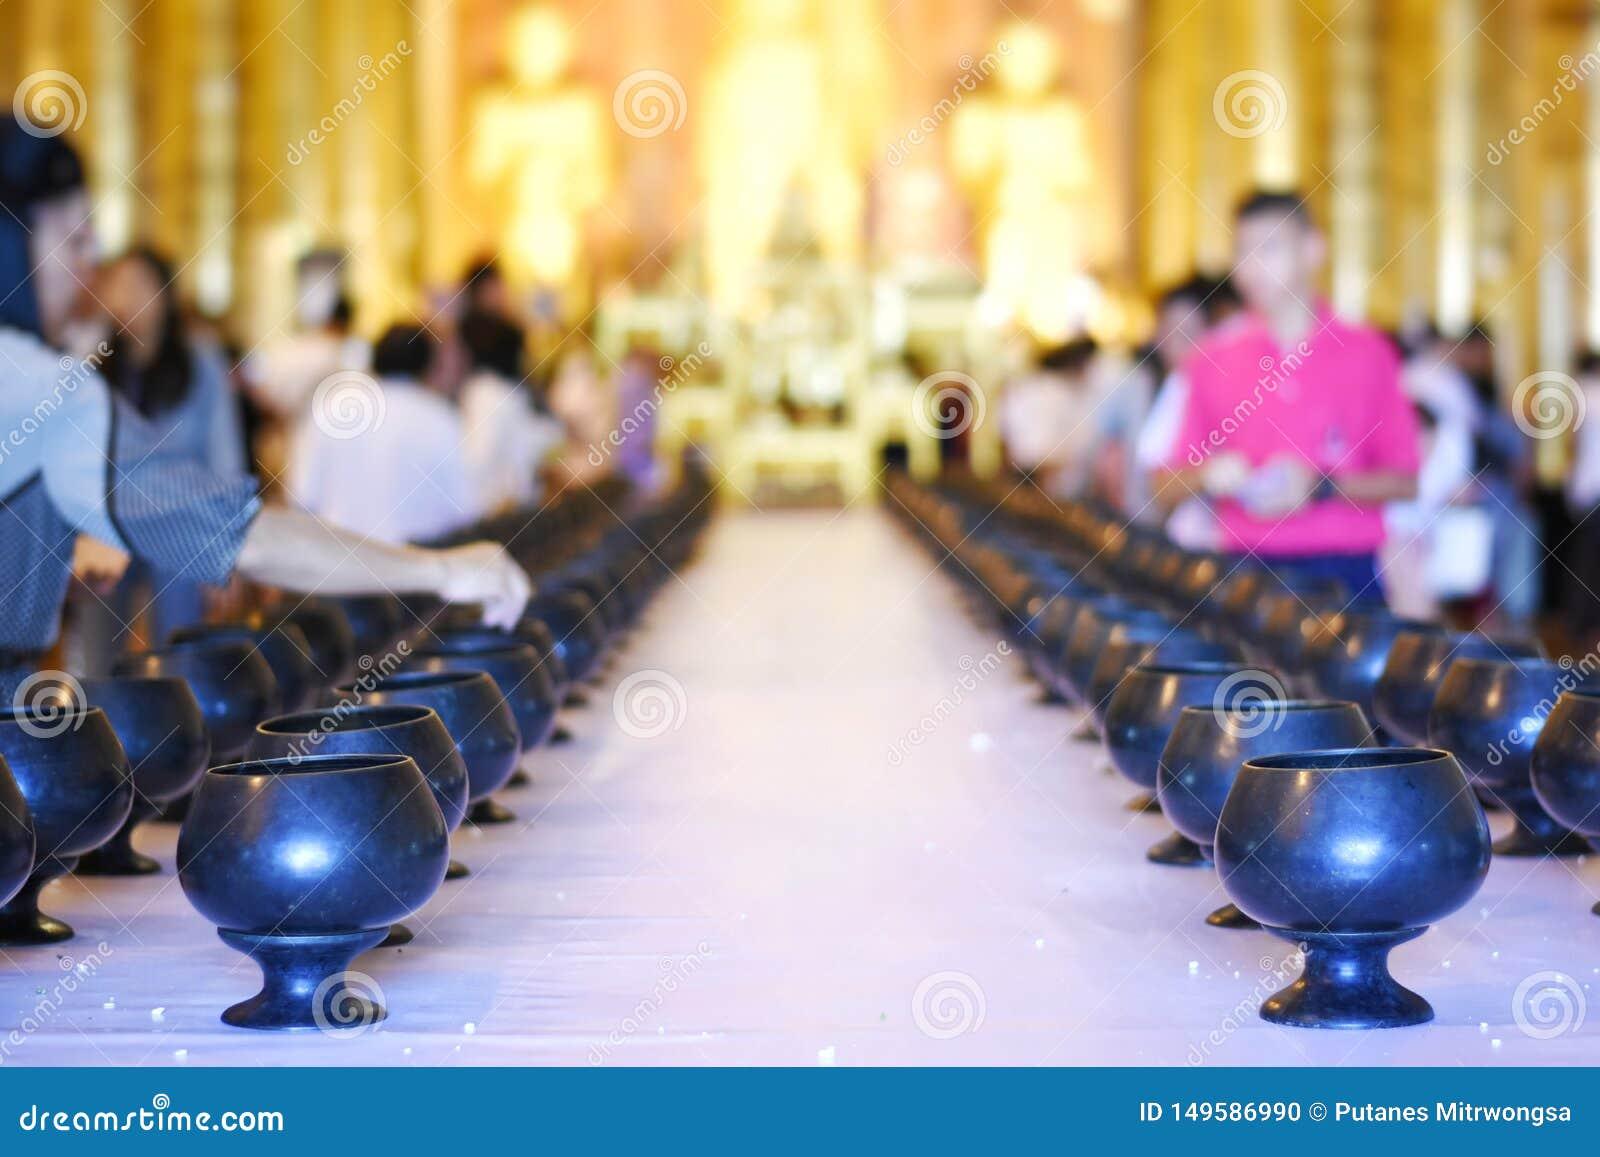 Les personnes thaïlandaises ont fait le mérite dans le bâtiment d un temple pour le concept de cérémonie de bouddhisme d illustra